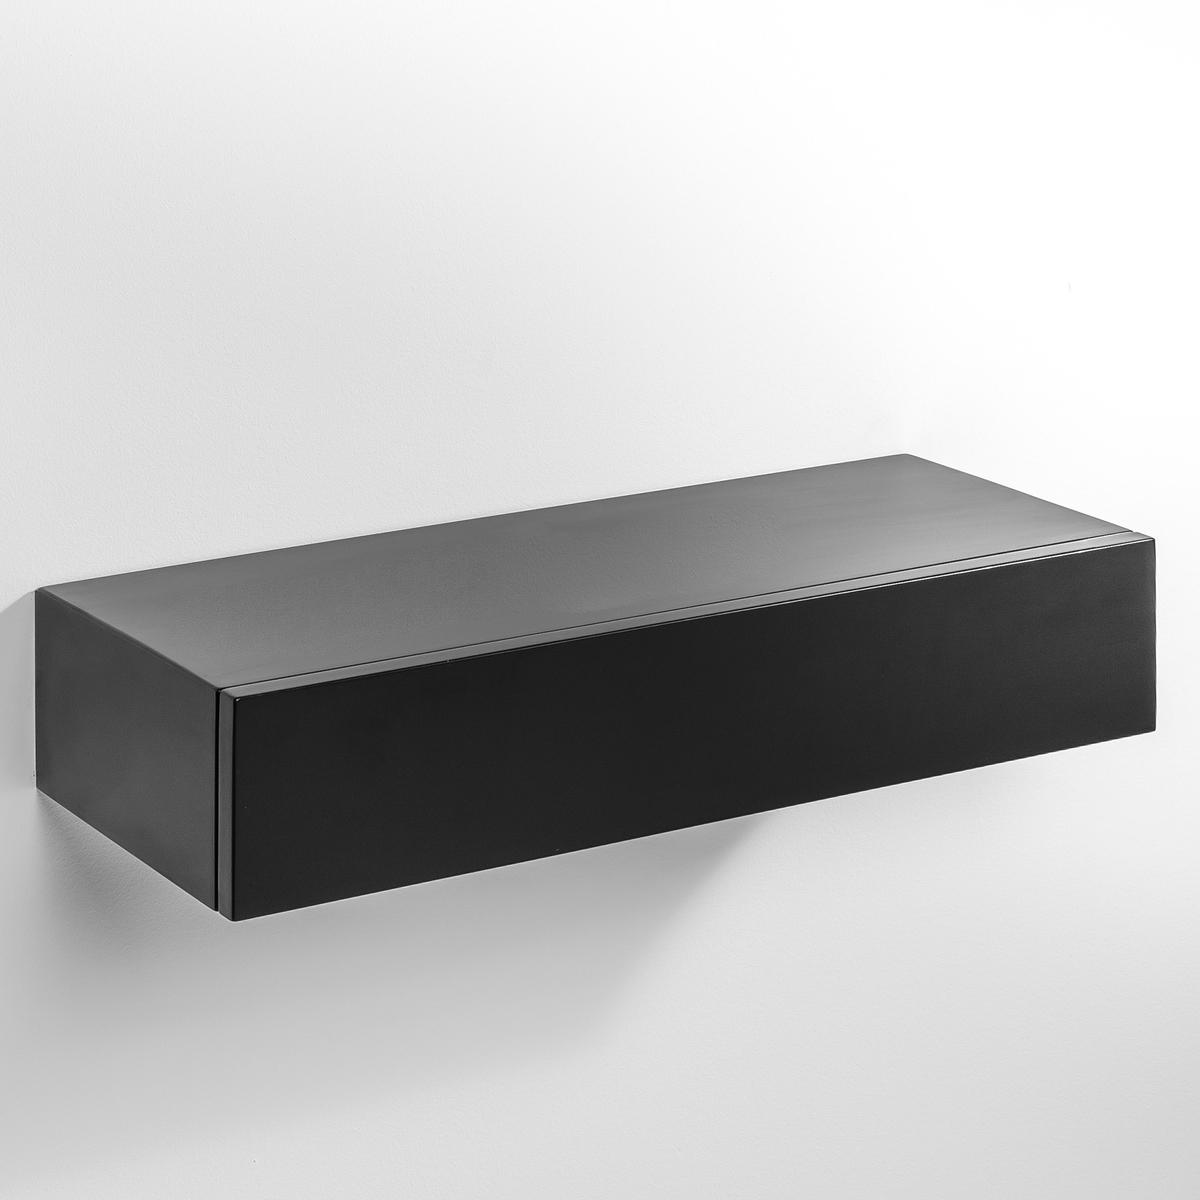 Полка-шкафчик VesperЭта полка-шкафчик незаметно крепится на стену. Можно использовать отдельно или соединять несколько шкафчиков вместе друг над другом.МДФ с лаковым покрытием - нитроцеллюлоза и полиуретан (модель под покраску из массива сосны).Размеры  : Шир..60 x.25 x.12 см.<br><br>Цвет: бежевый экрю,черный<br>Размер: единый размер